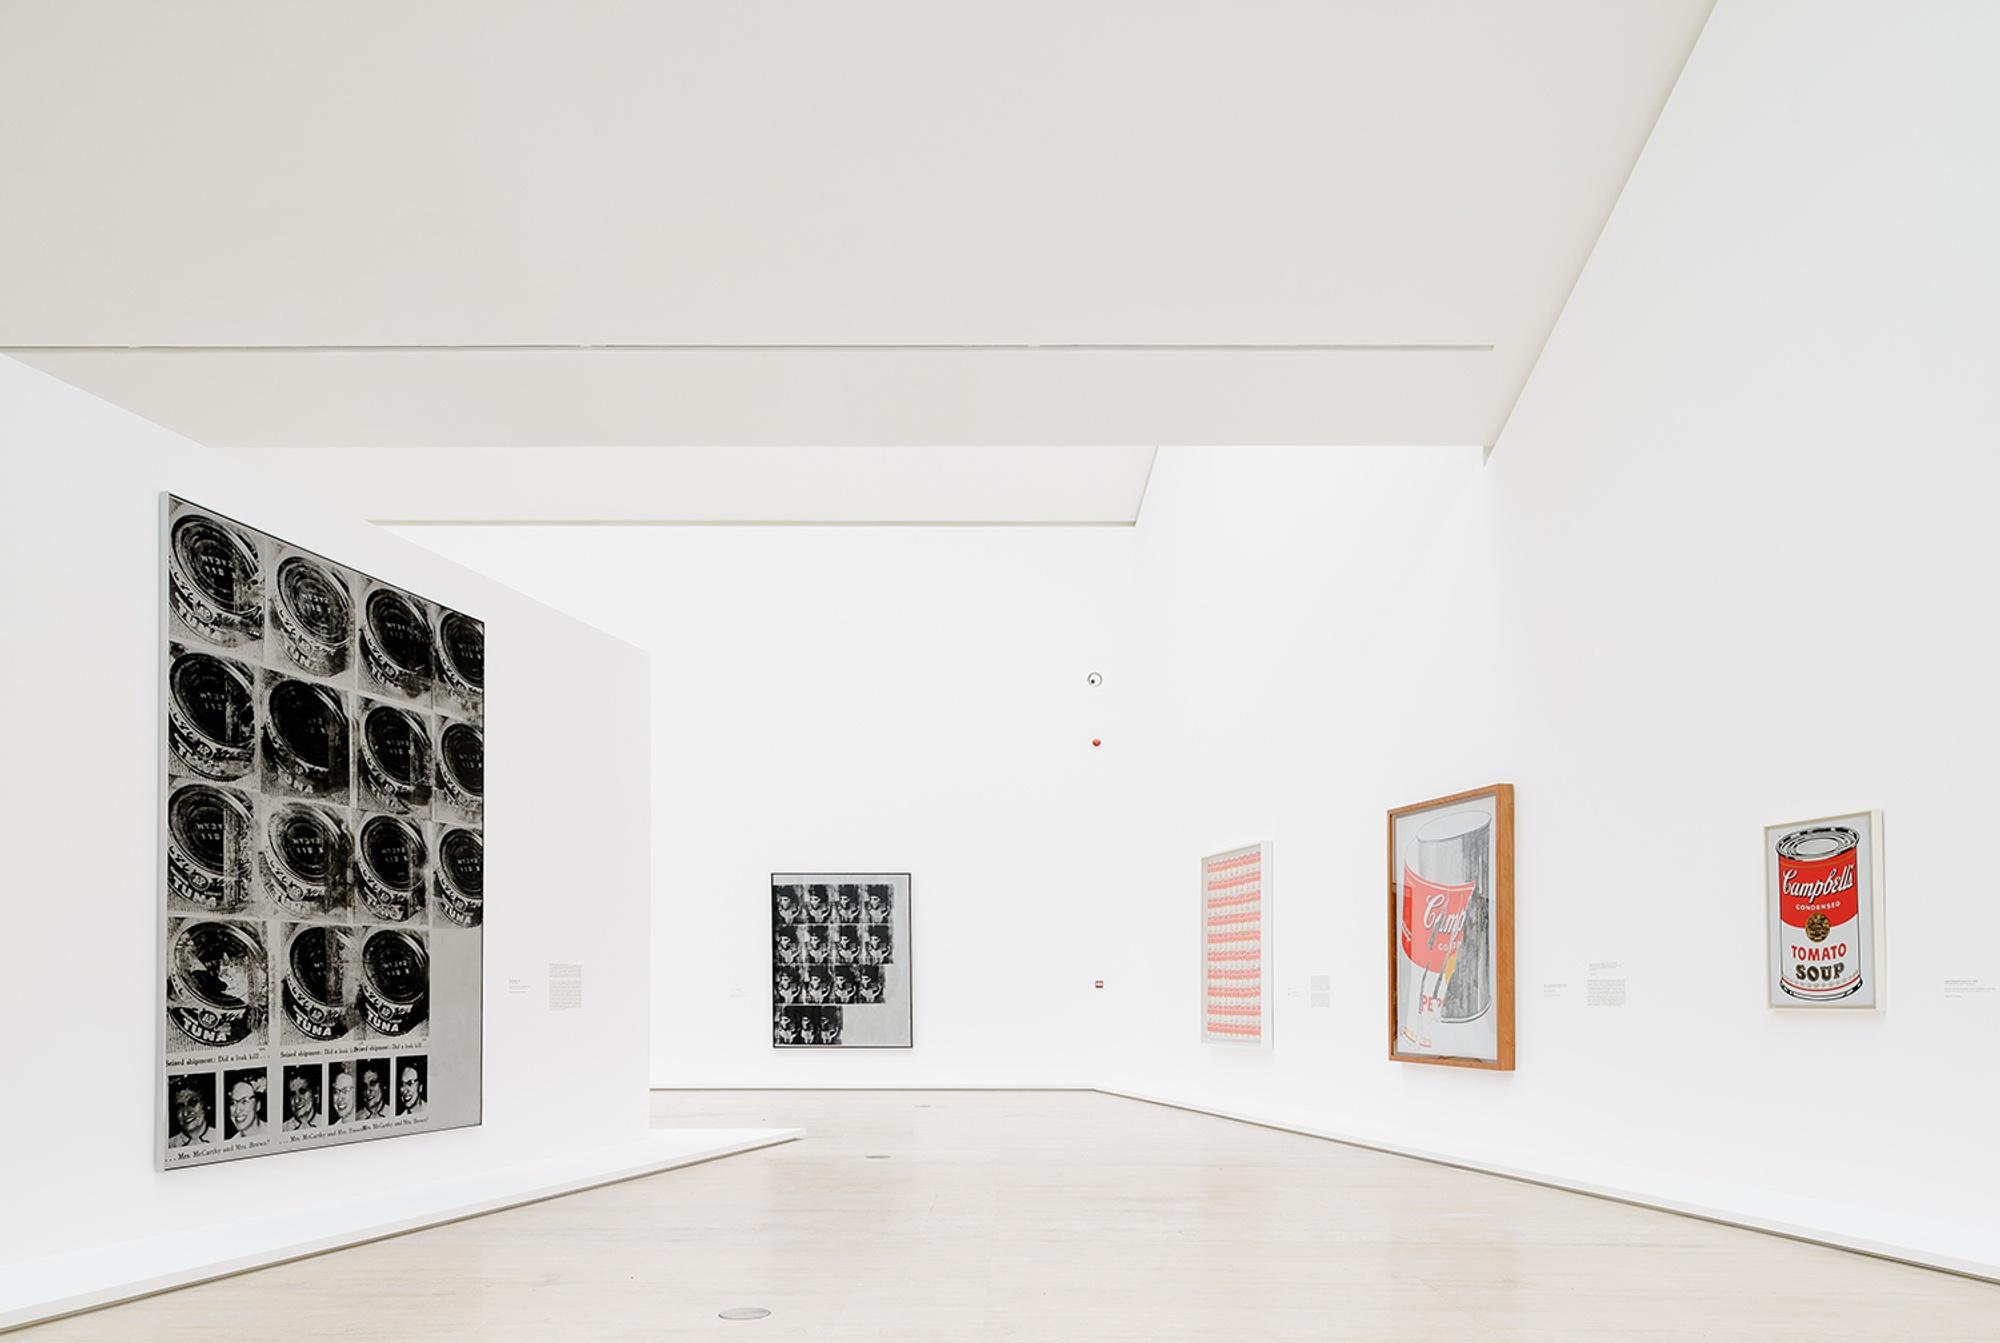 vista de la exposicón de Andy Warhol en México